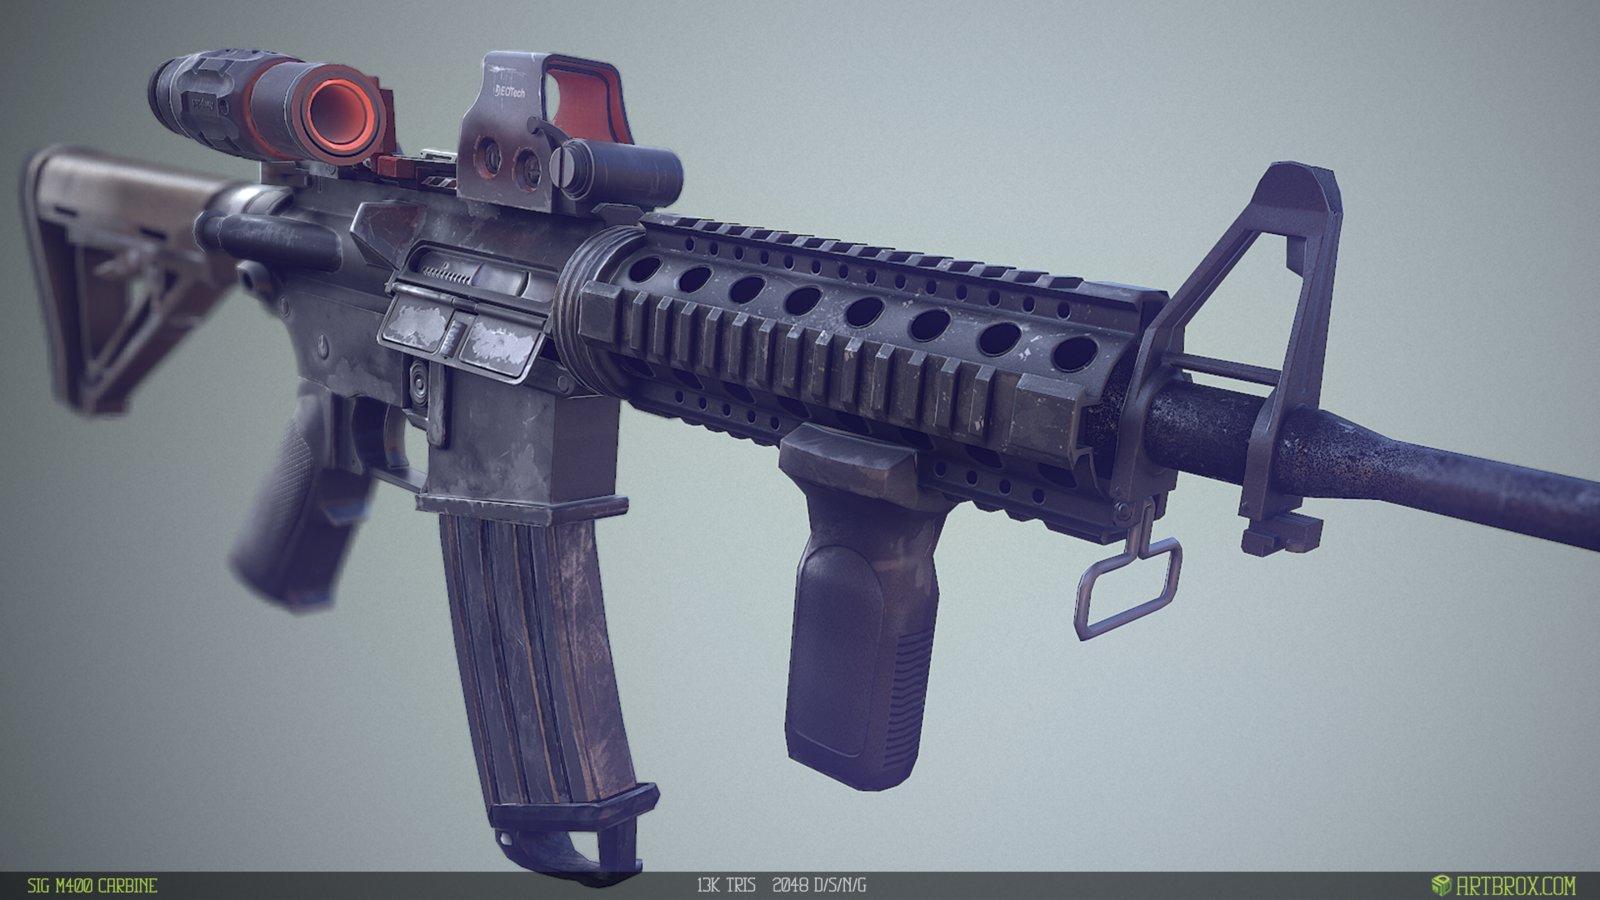 M400 Assault rifle